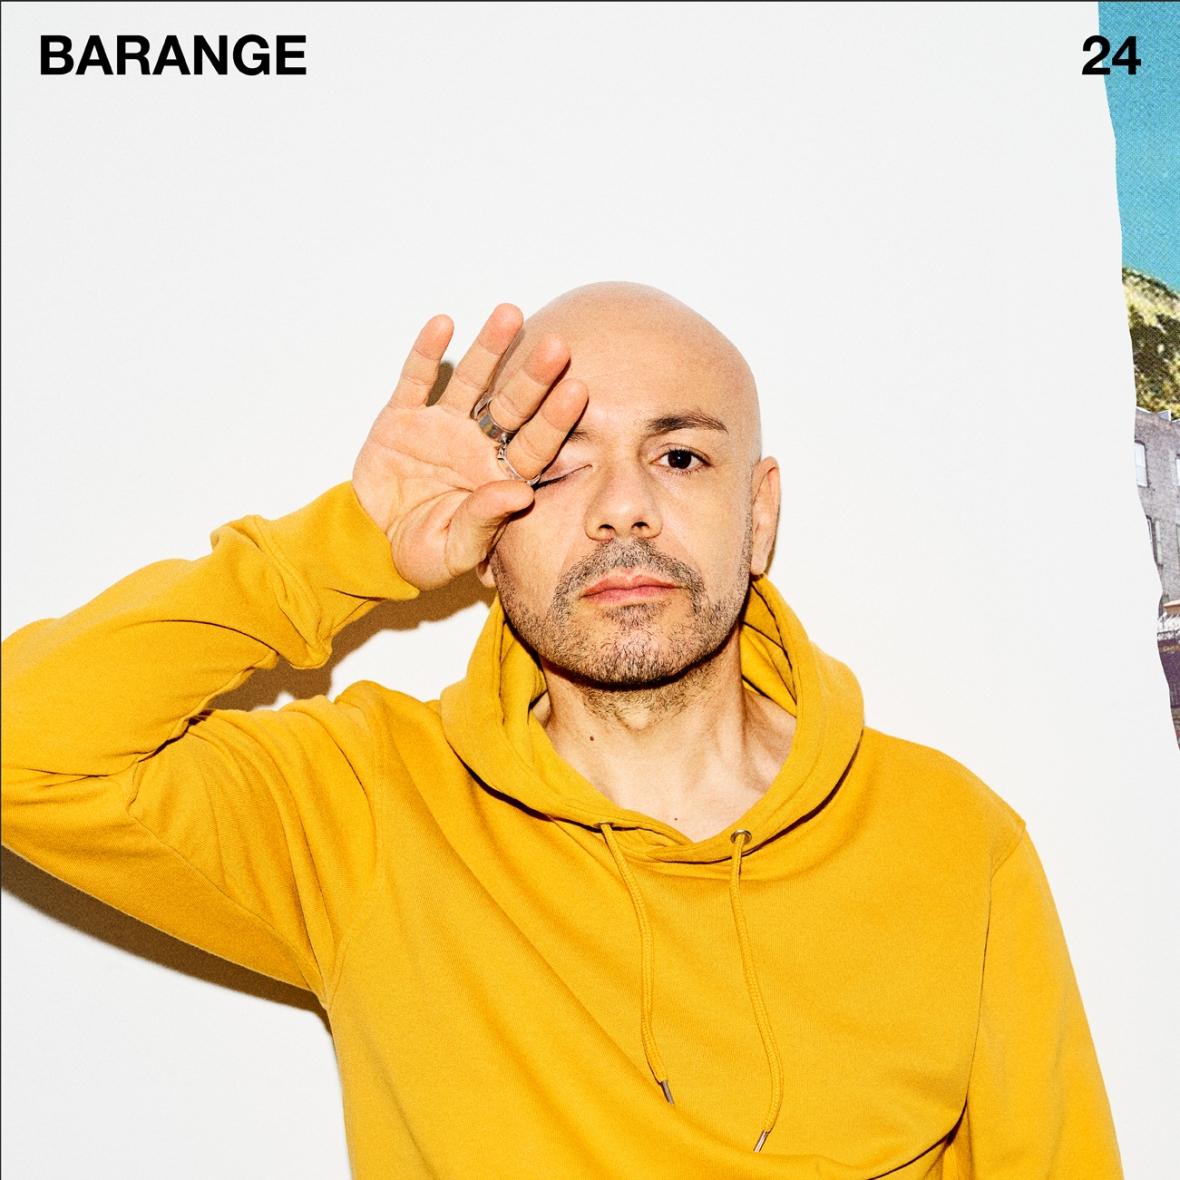 BARANGE - 24